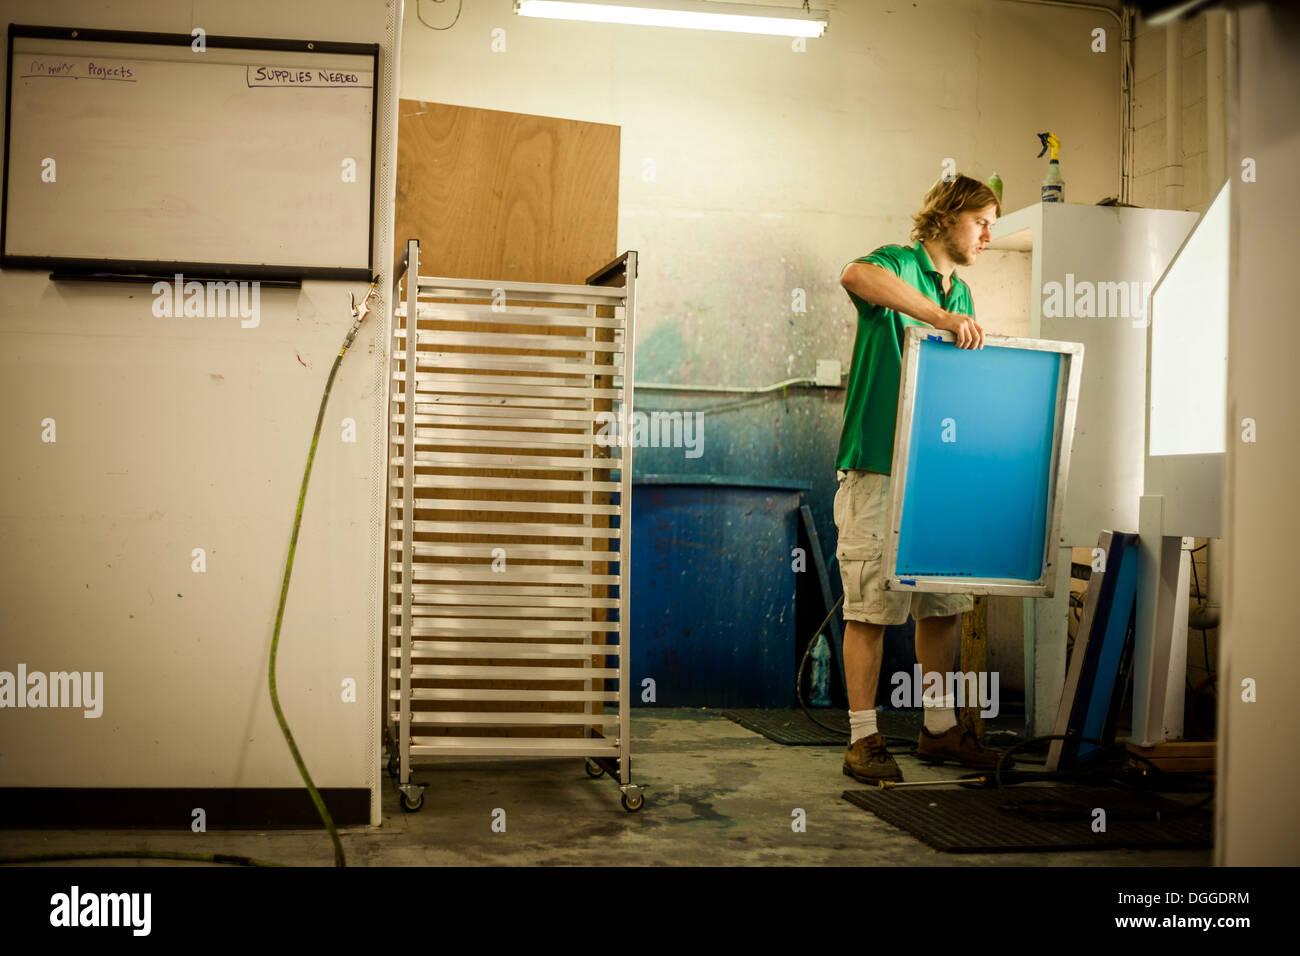 Mann im Bildschirm Druckwerkstatt Halterahmen Stockbild